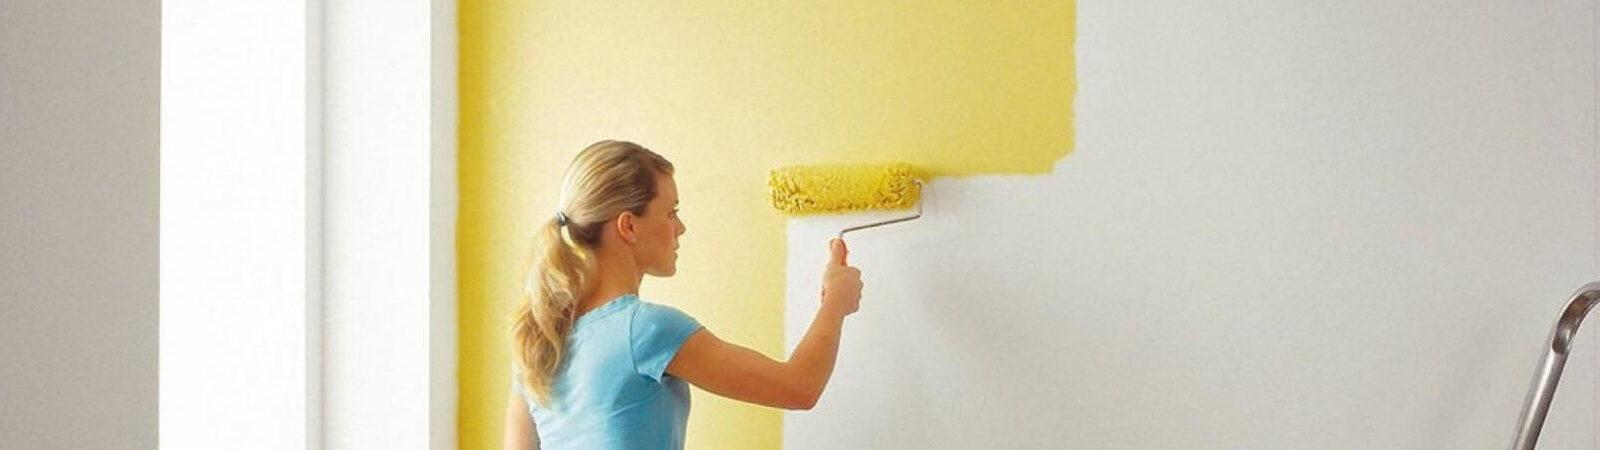 Как покрасить стену в квартире